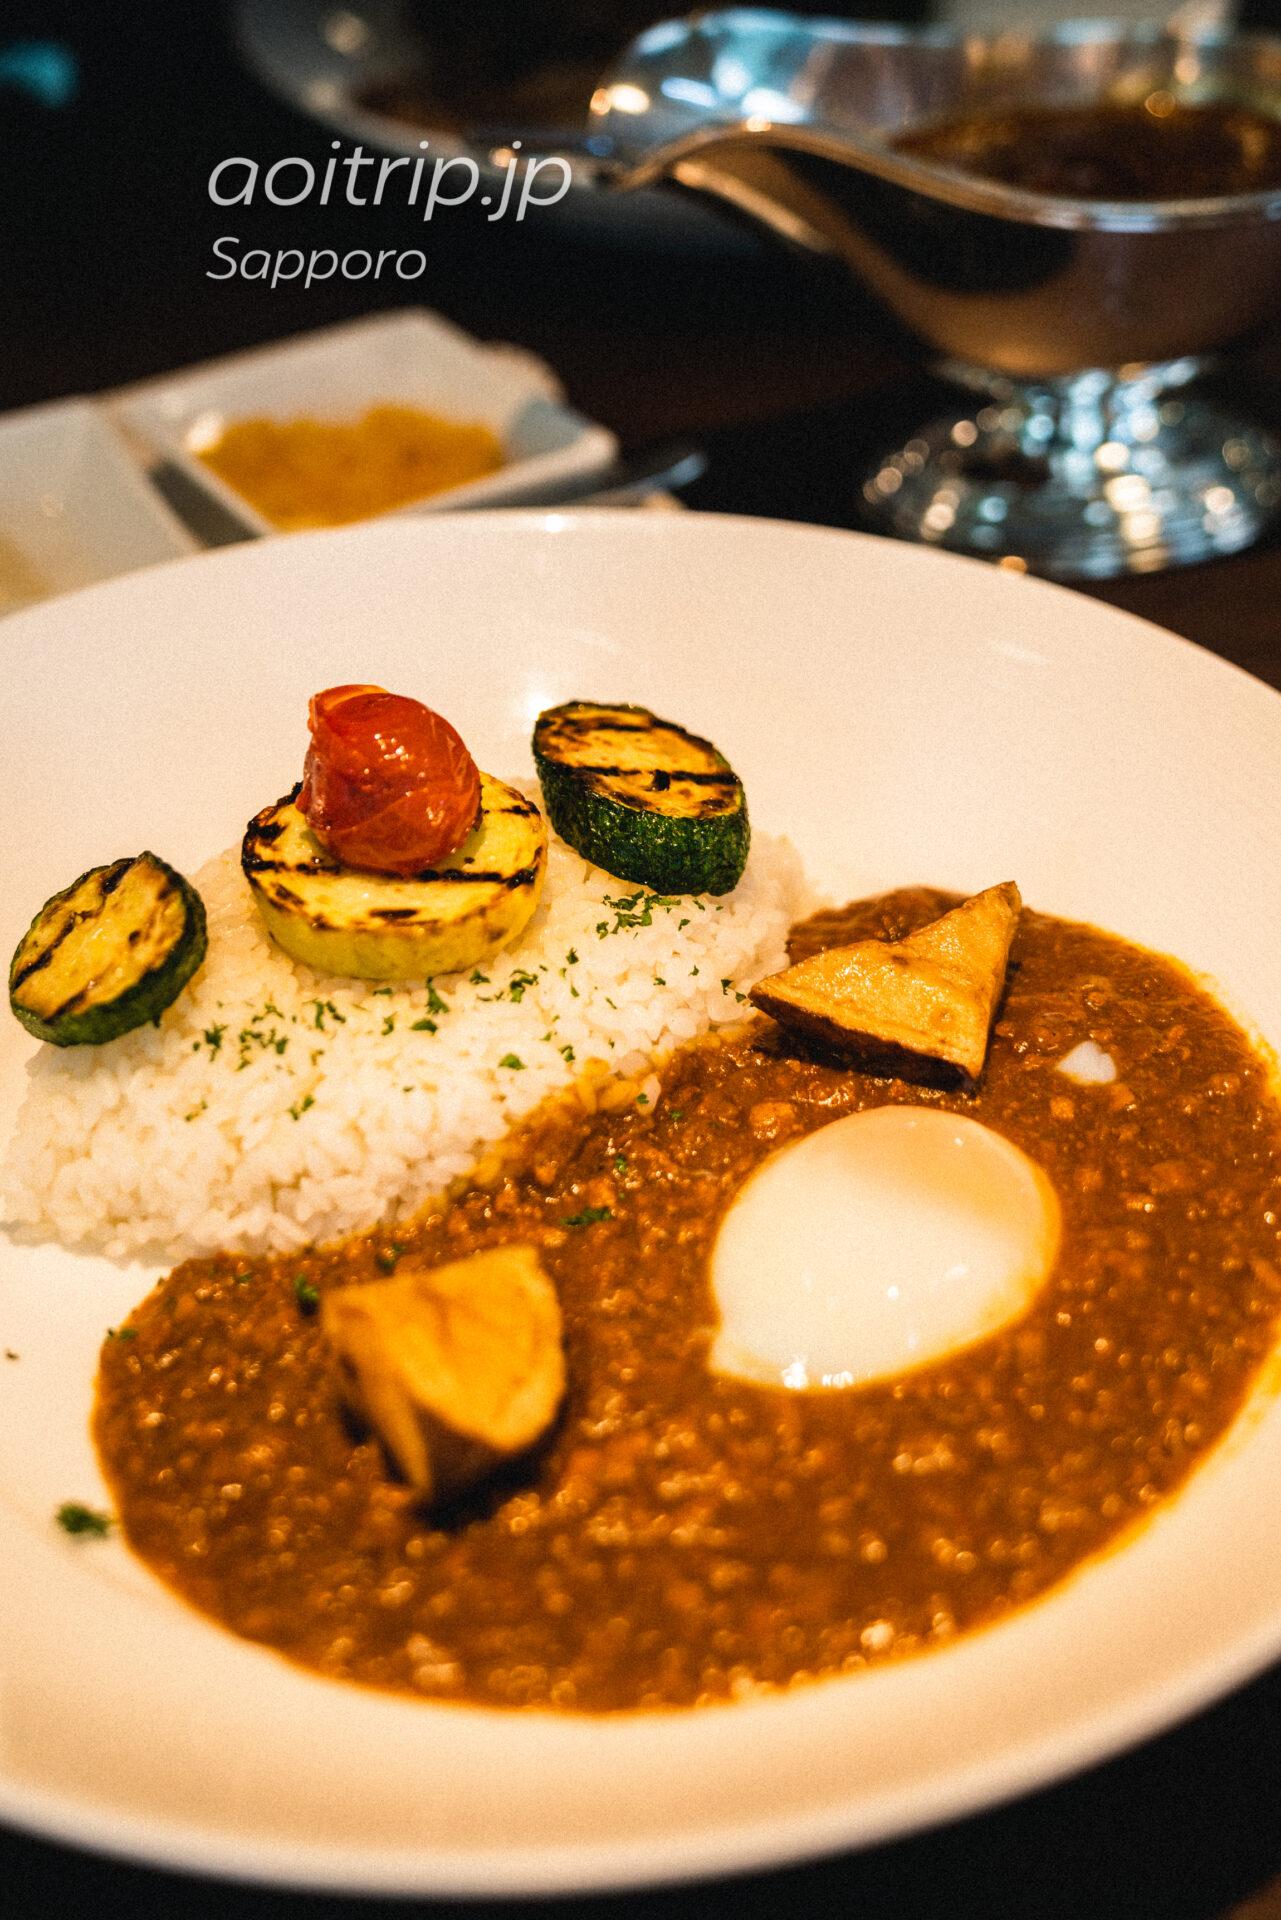 札幌グランドホテルのノーザンテラスライナー 夏野菜グリルのキーマカレー